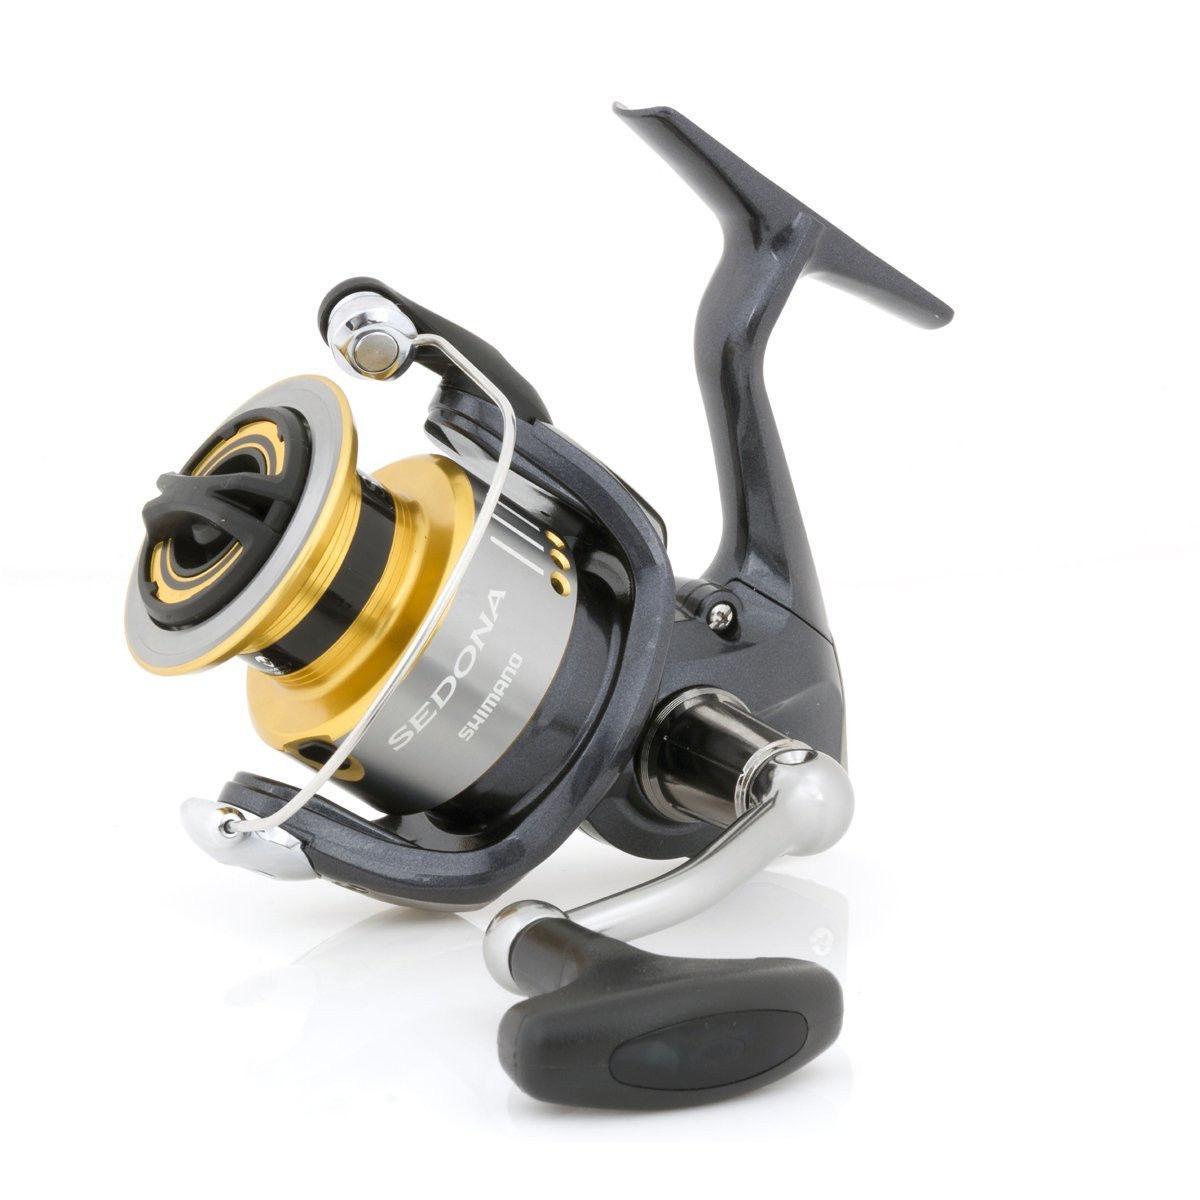 Shimano Sedona 2000 035103 Spinning Reels Saltwater Freshwater Fishing